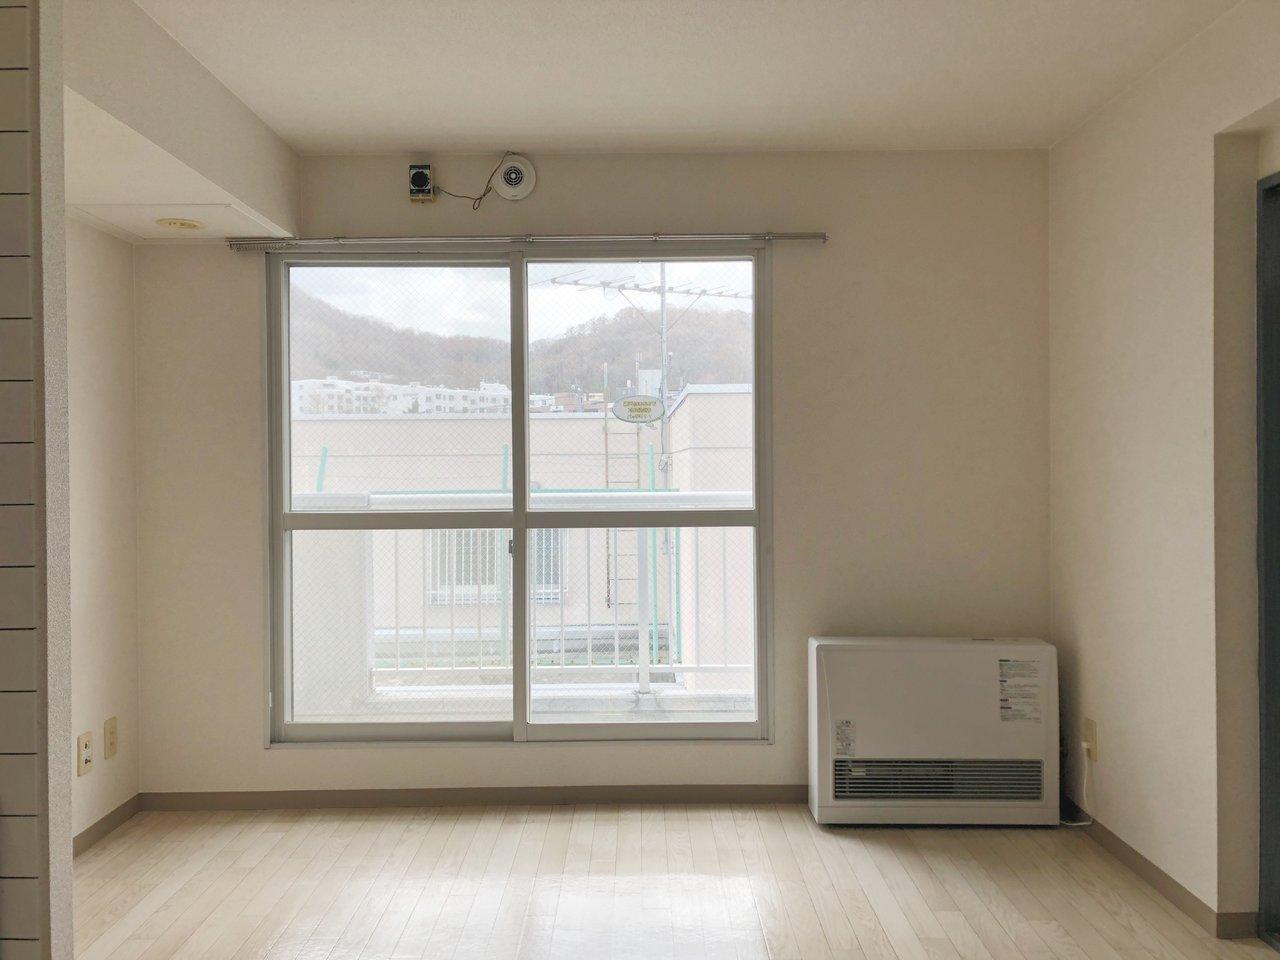 最後はこちら。南西向き、日当たり良好な2DKのお部屋です。